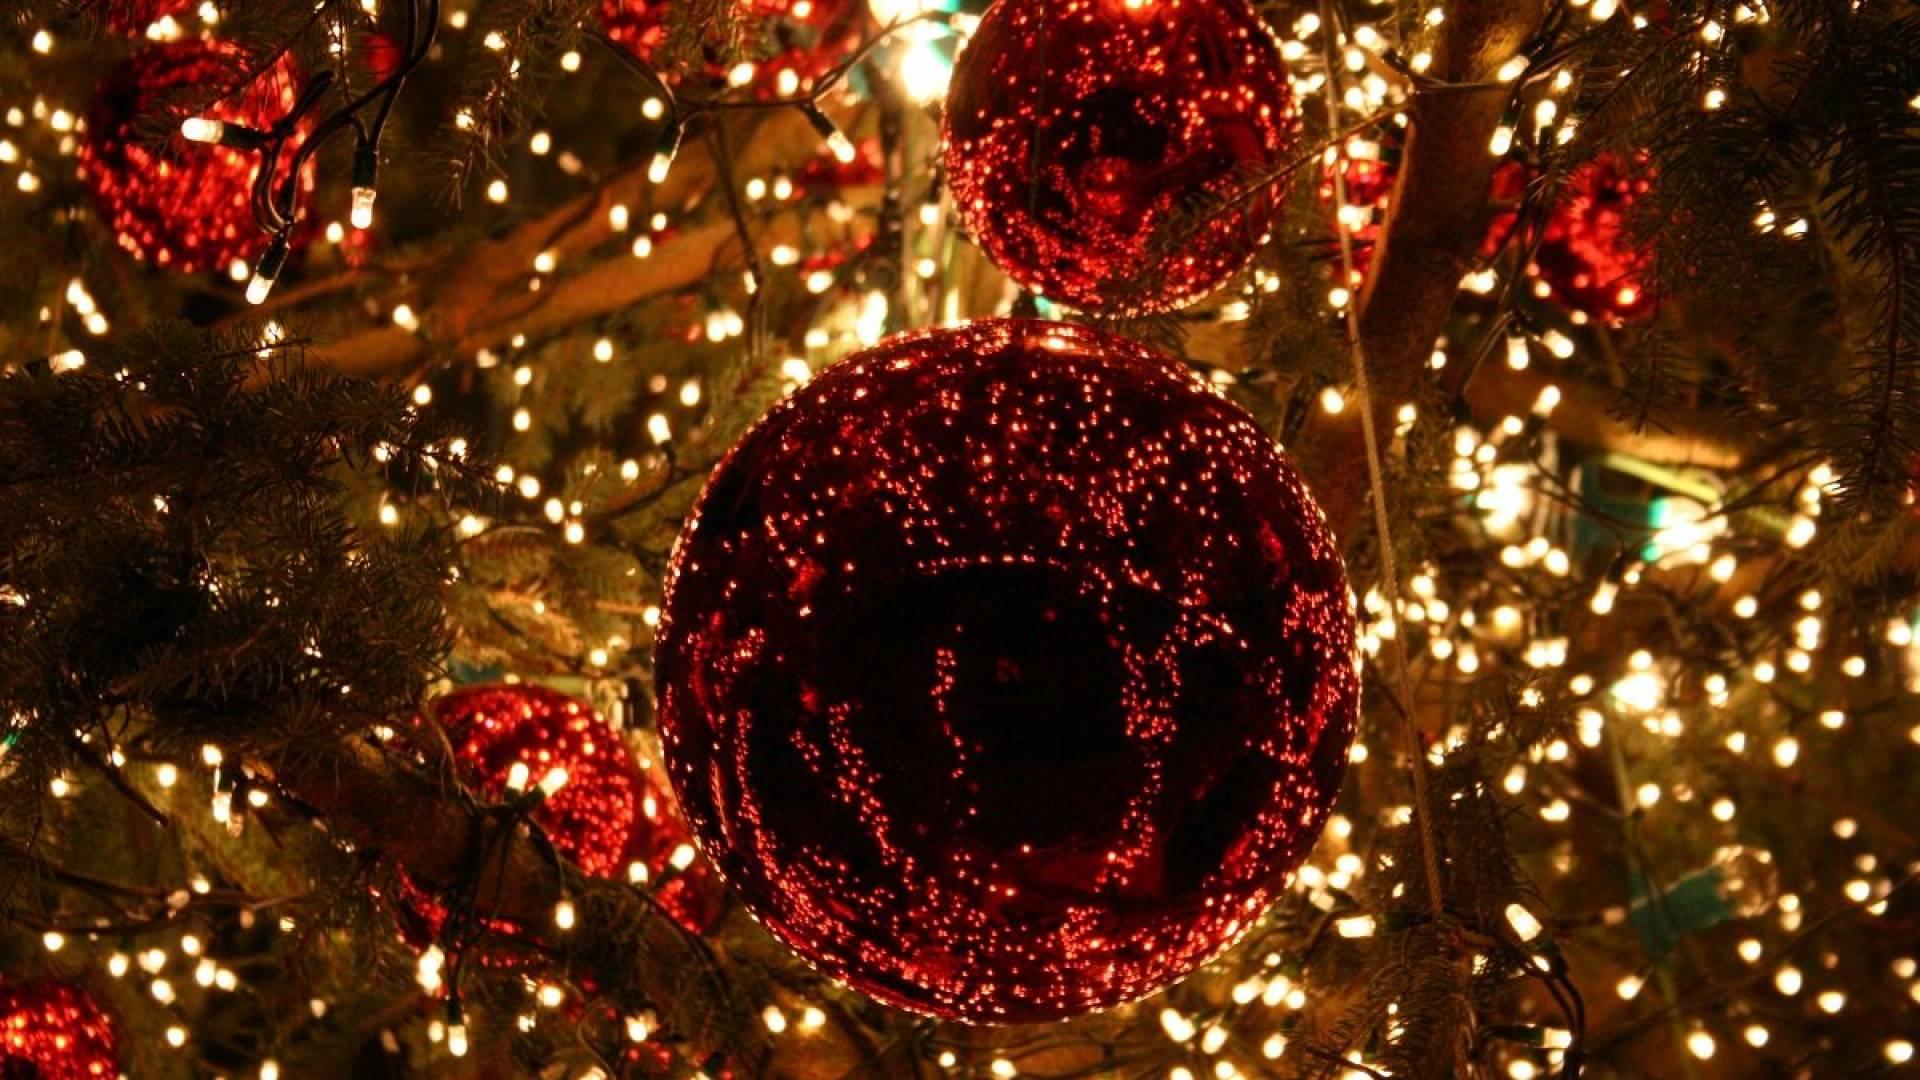 Christmas Hd Wallpapers 1080P 235785 1920x1080